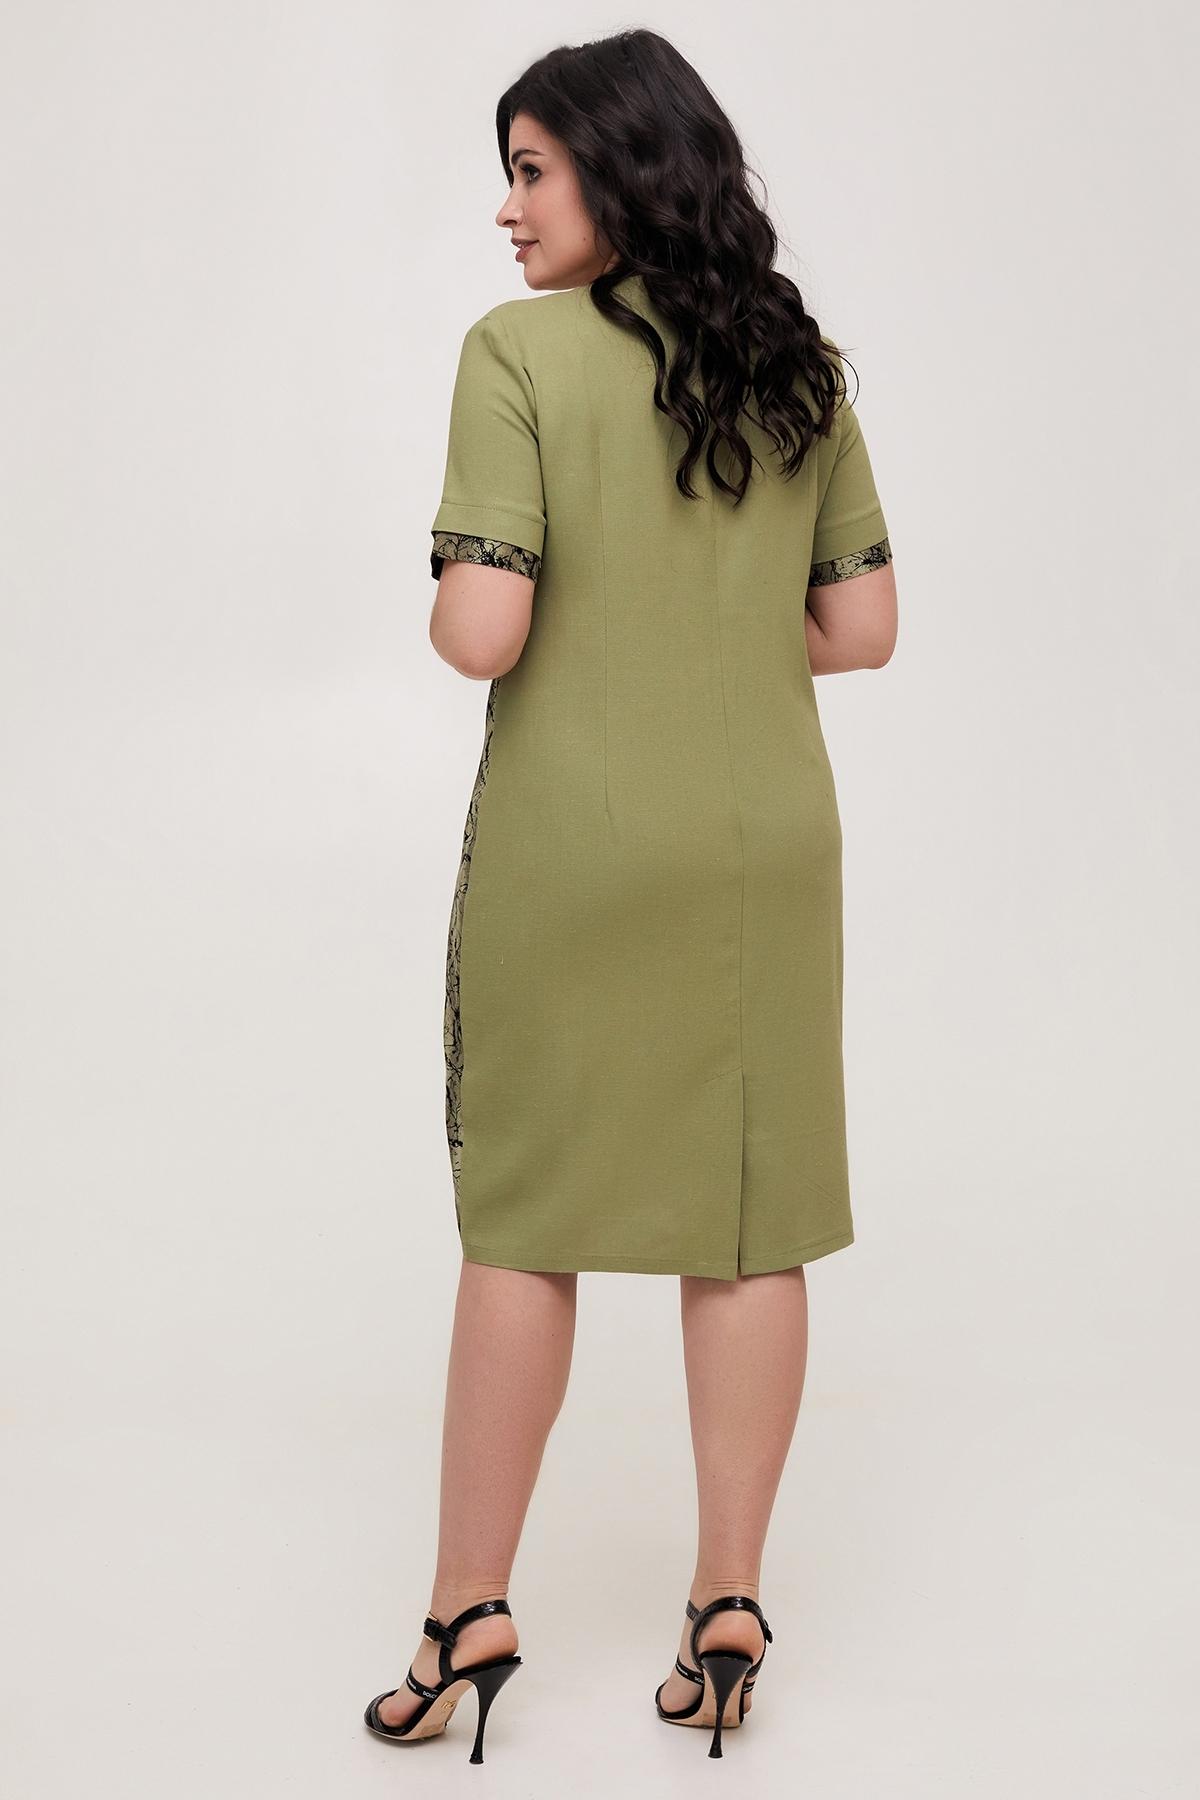 Сукня Офелія  (Офелия) (оливковий)